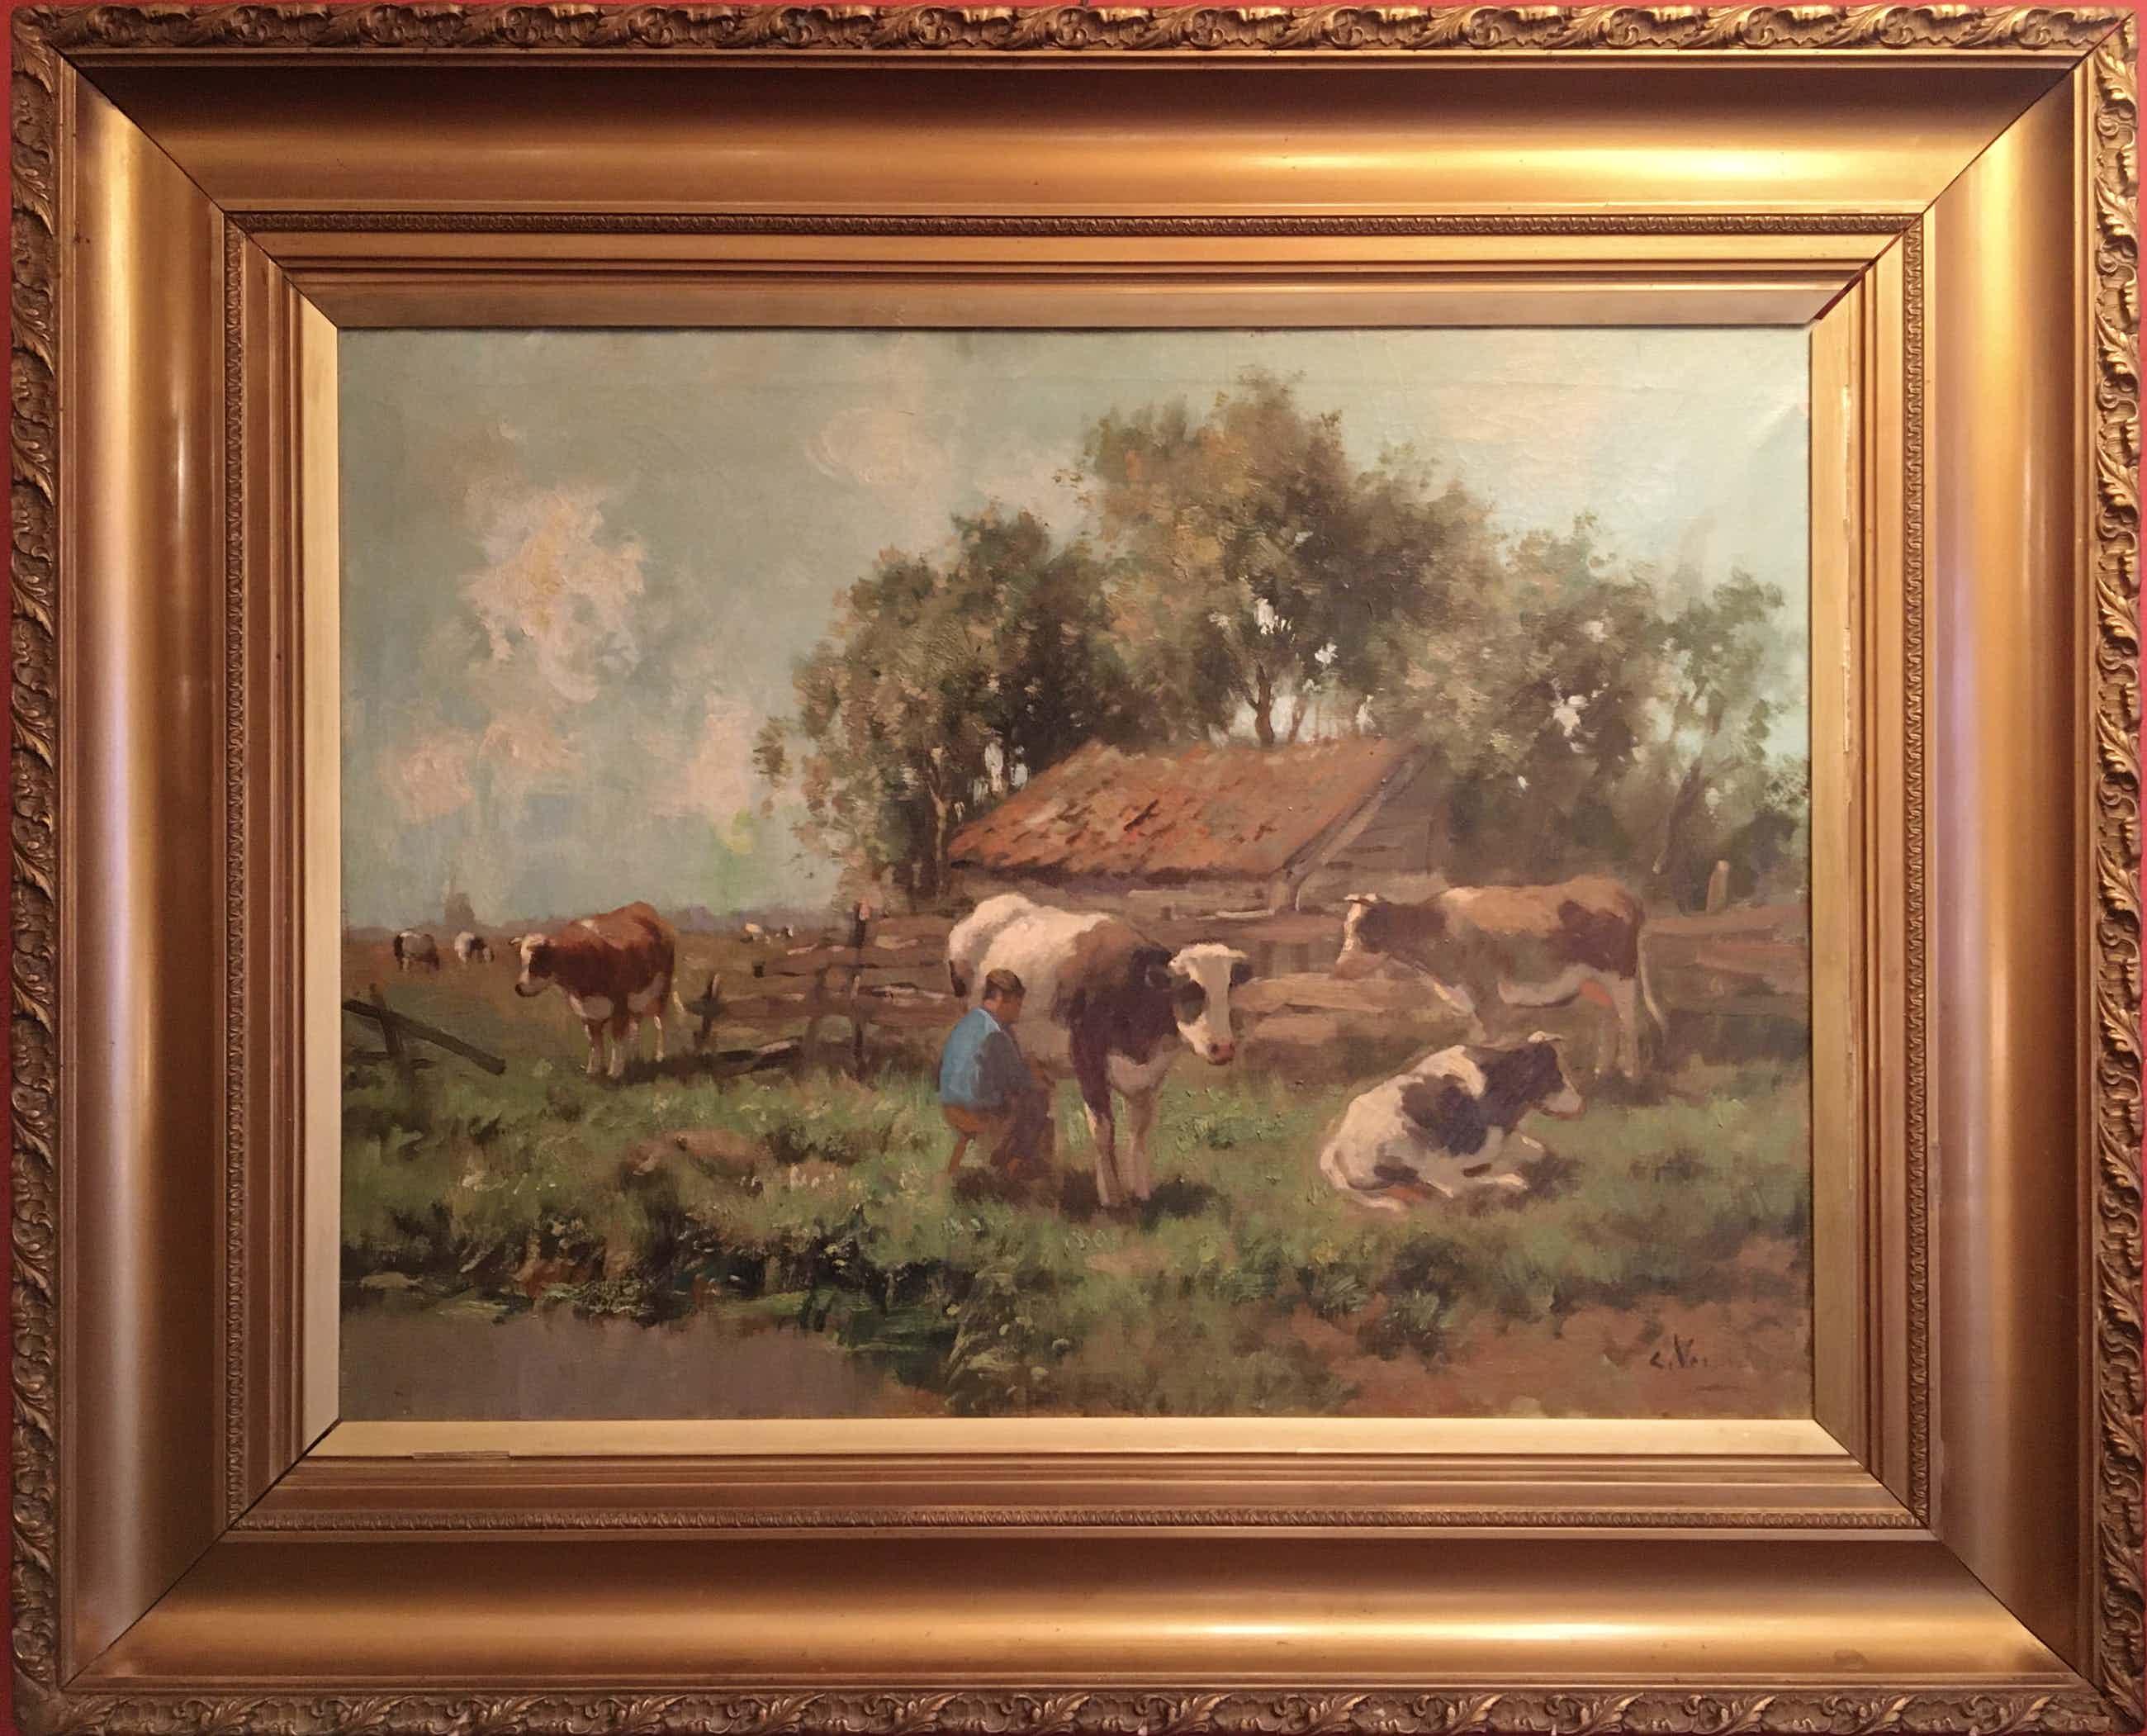 Cor Bouter - Cor Bouter (pseud. C.Verschuur), melkbocht, olie op doek kopen? Bied vanaf 625!